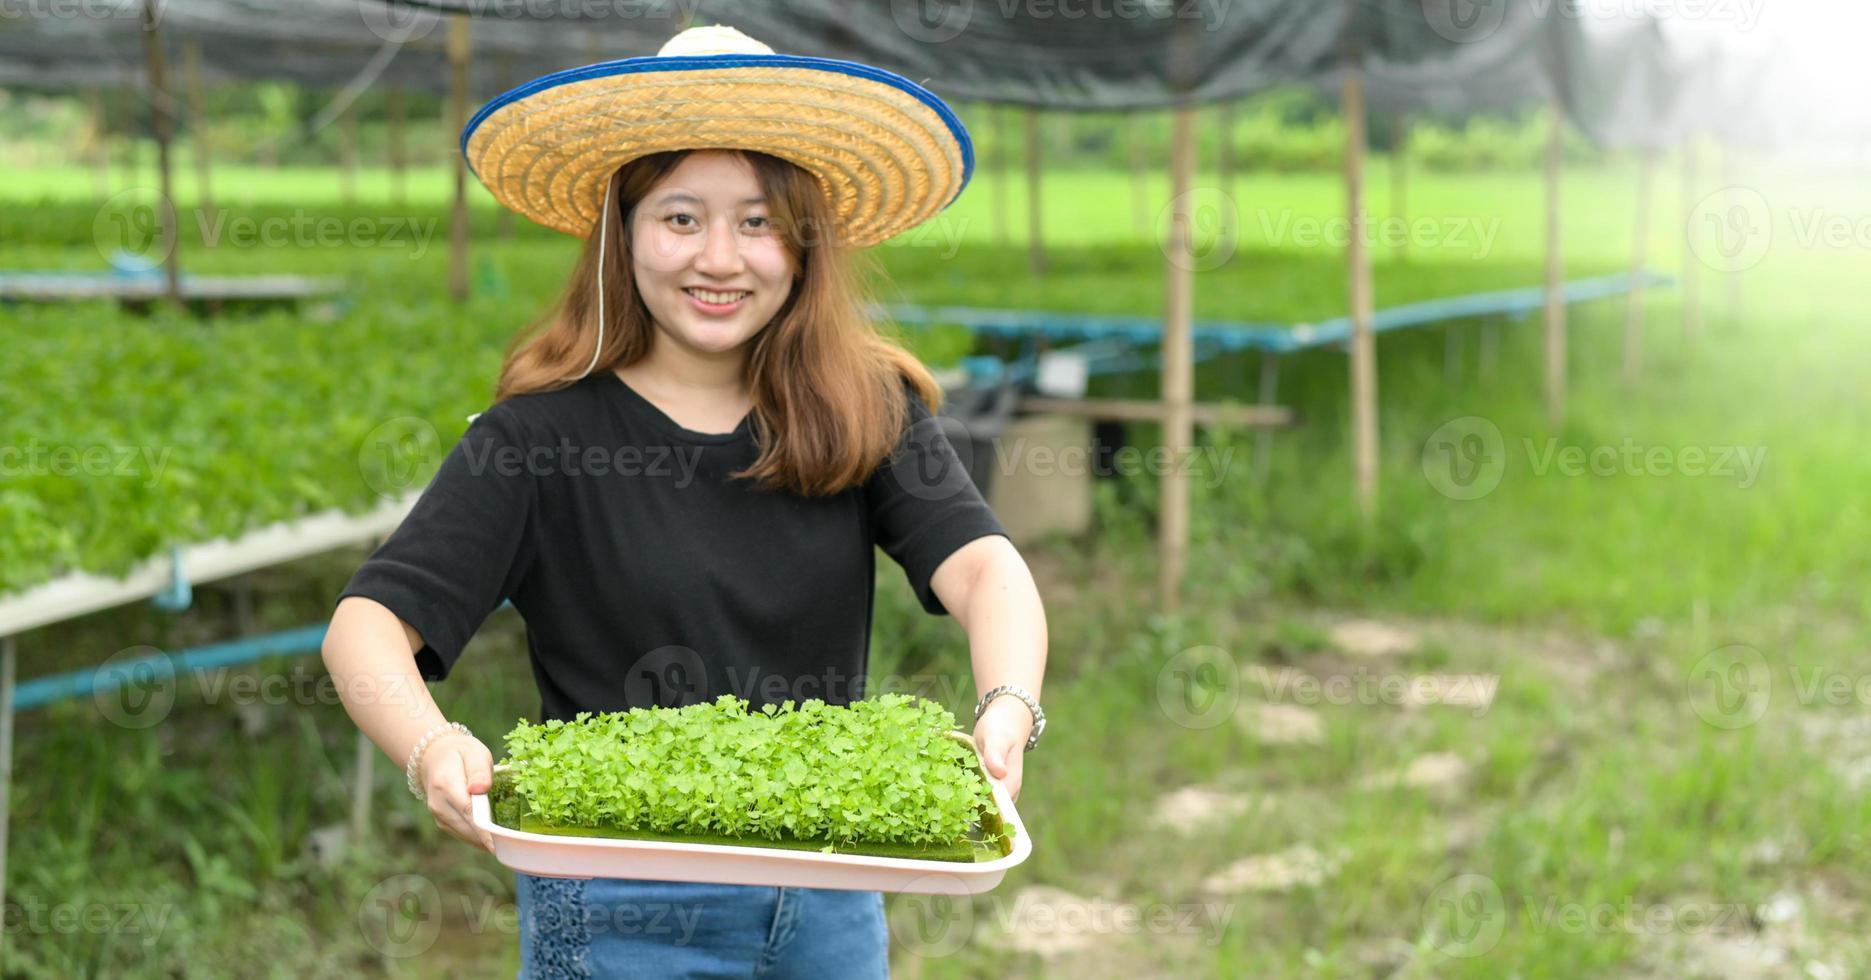 campesina muestra una bandeja de plántulas de hortalizas en un invernadero. foto